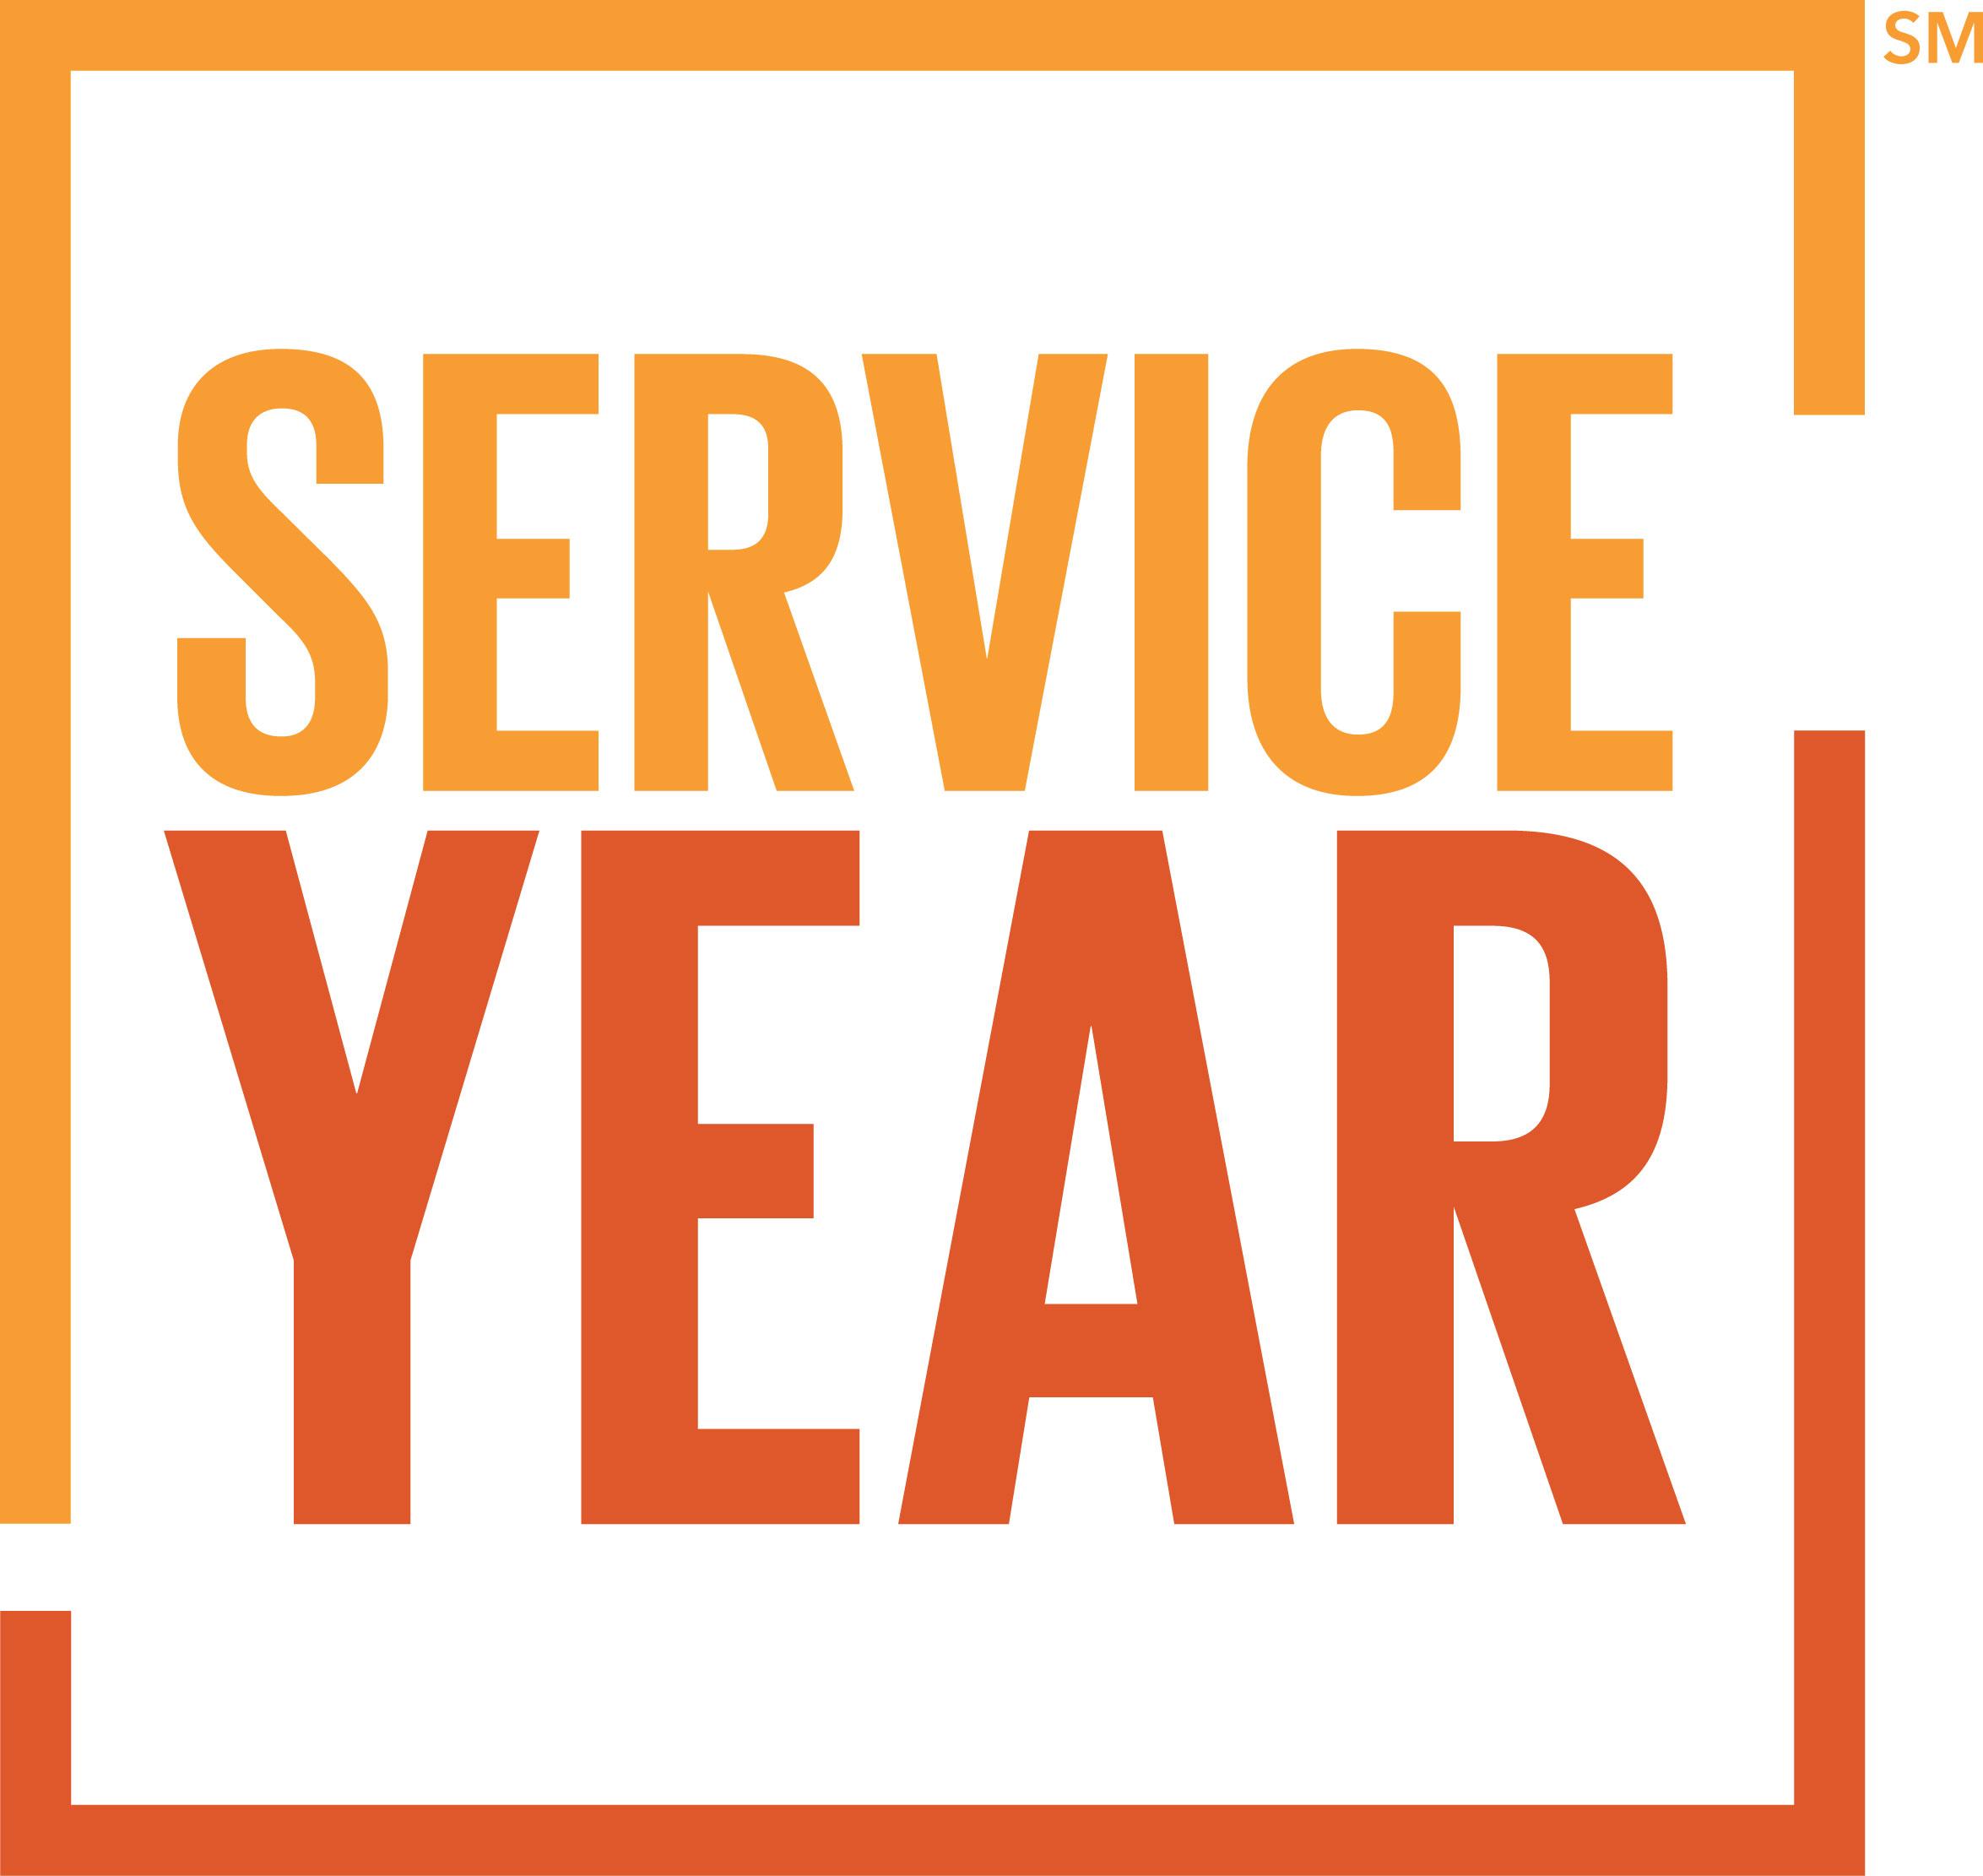 Service_Year_Alliance_Logo.jpg